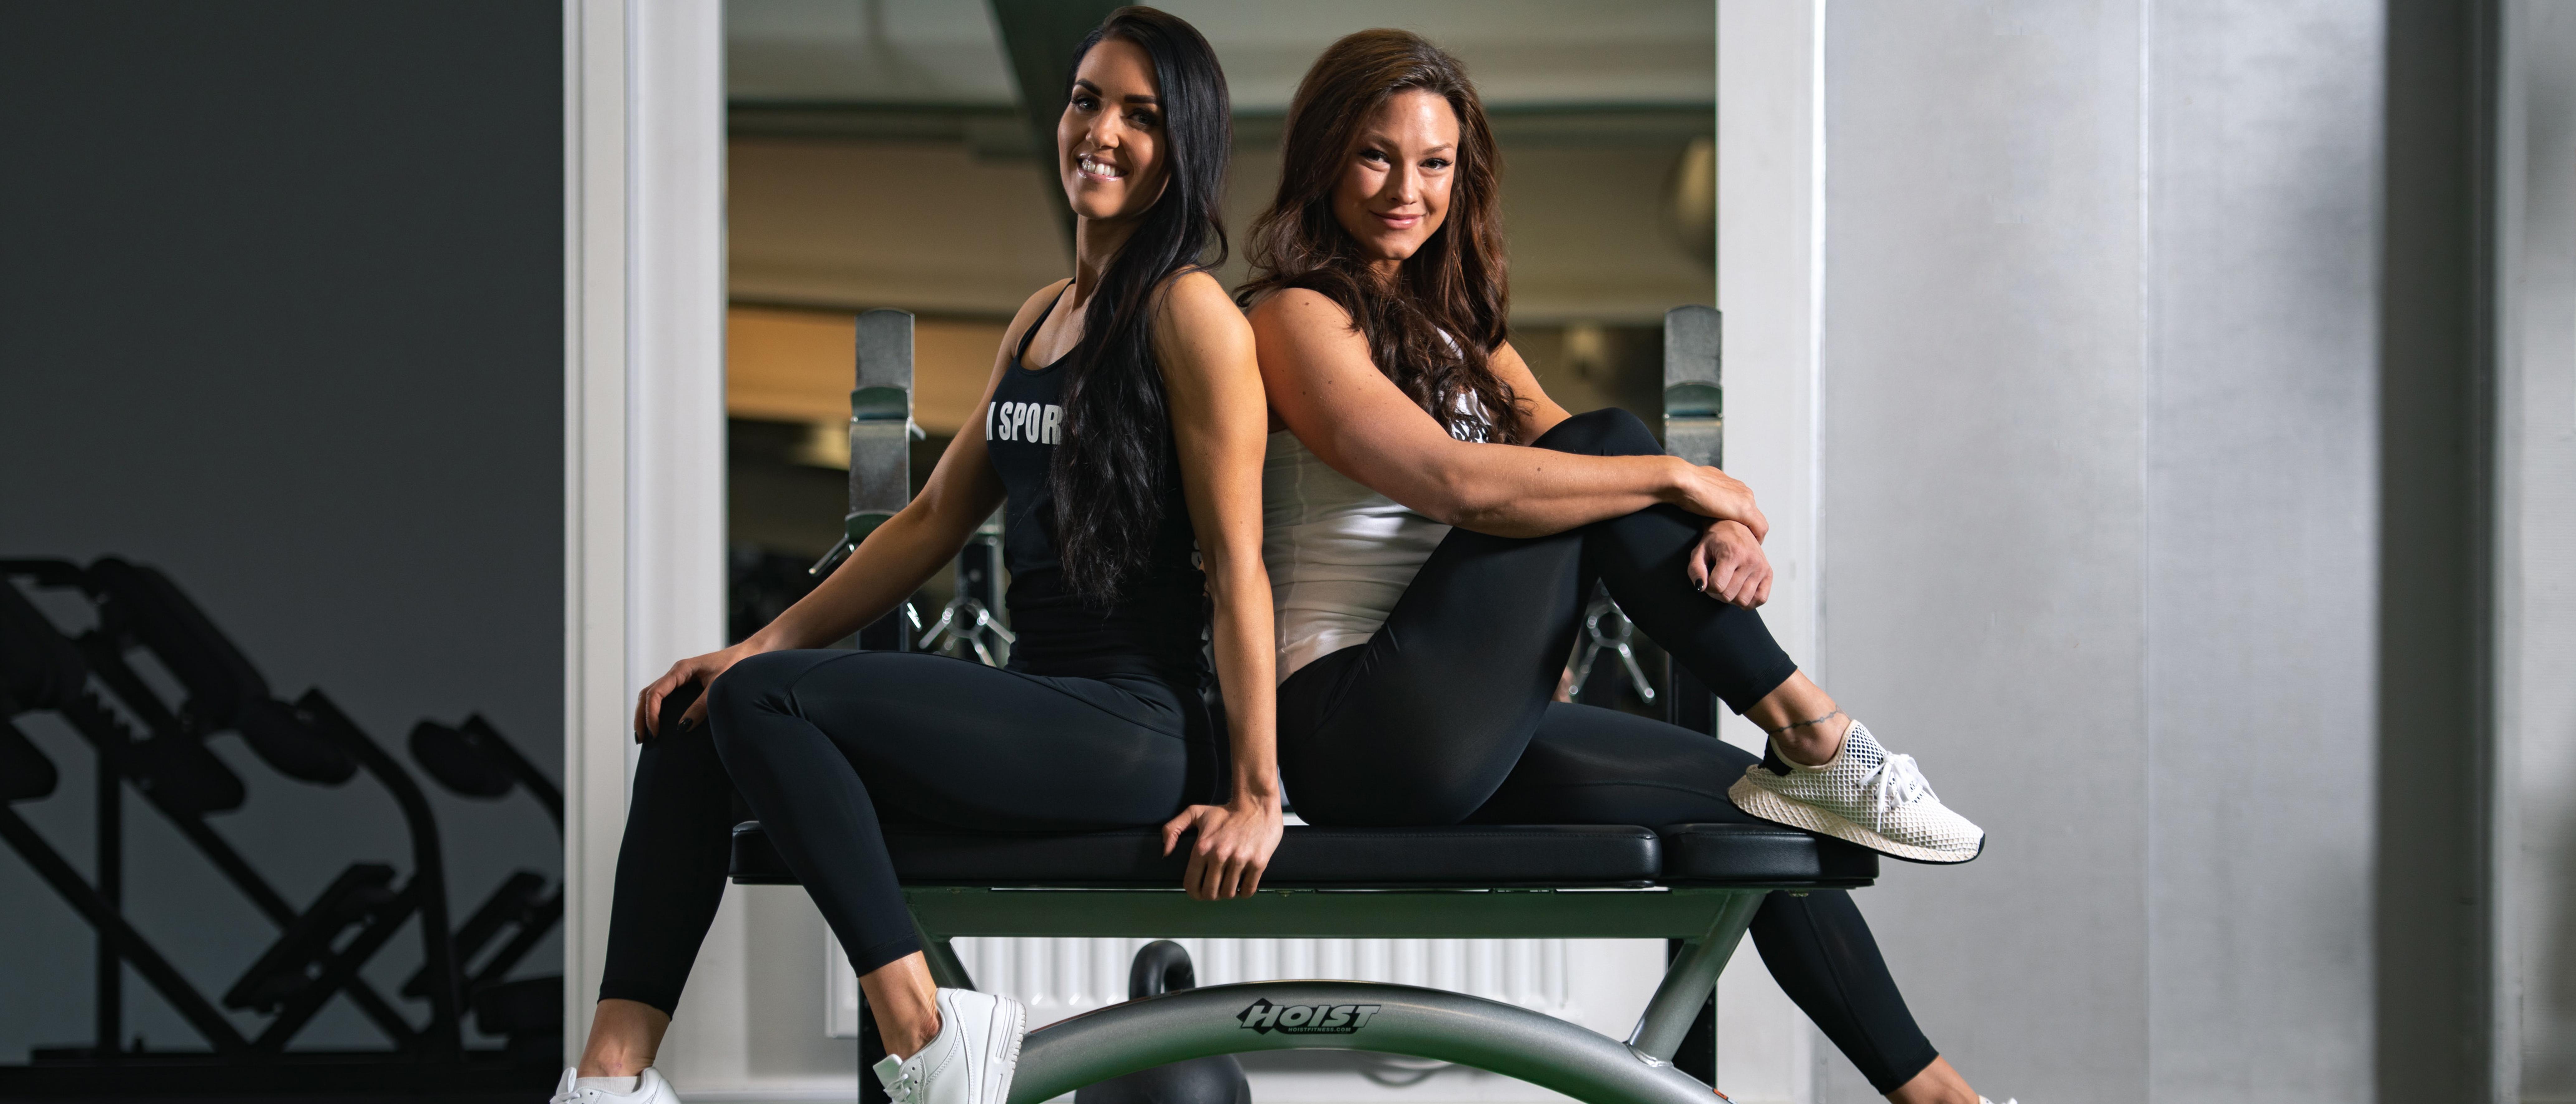 Två kvinnor sitter rygg i rygg på en bänk på gymmet